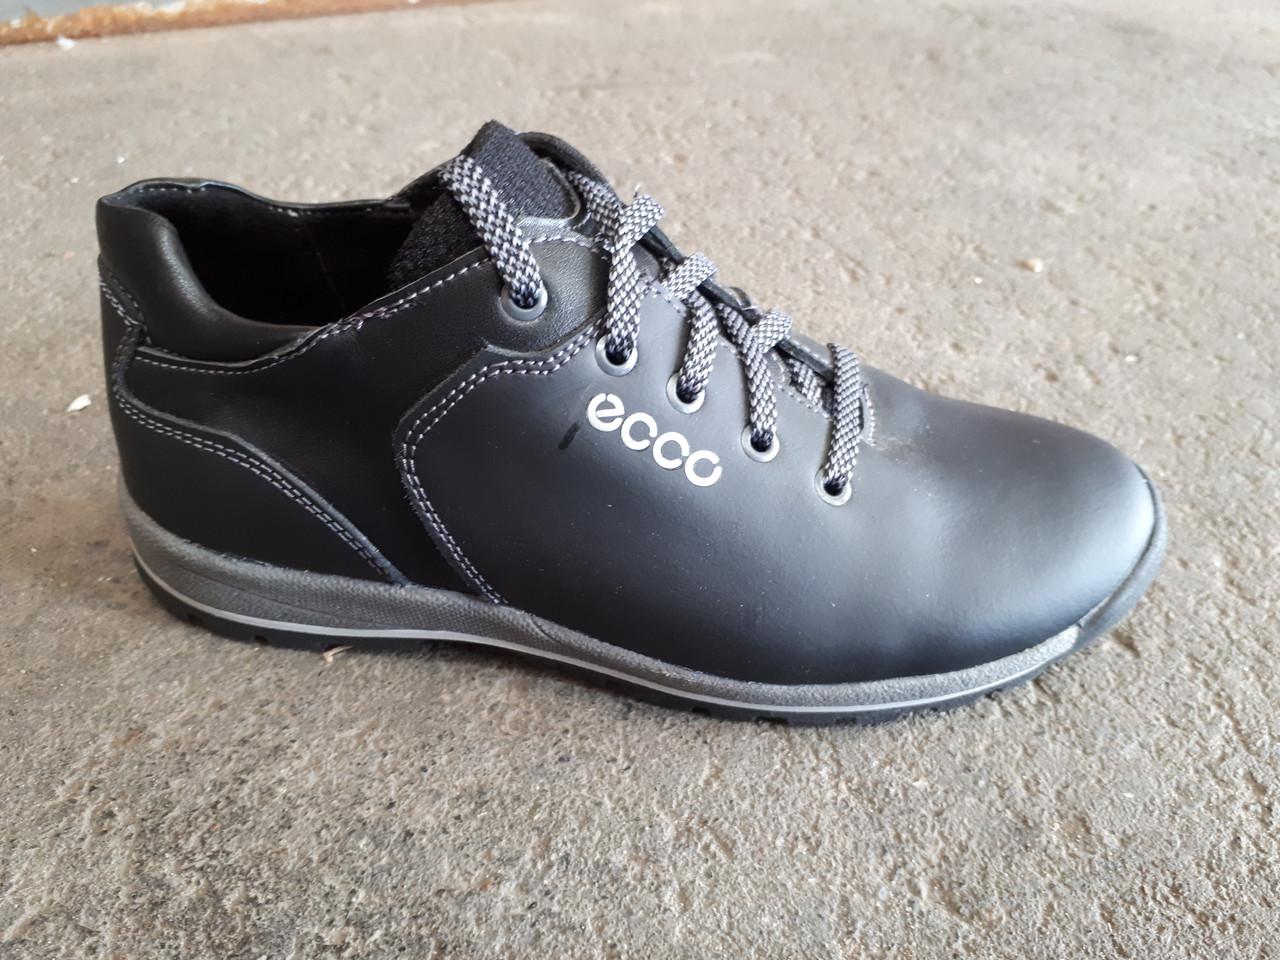 b7a10897c117ea Подростковые кожаные кроссовки ECCO. Украина - Интернет-магазин